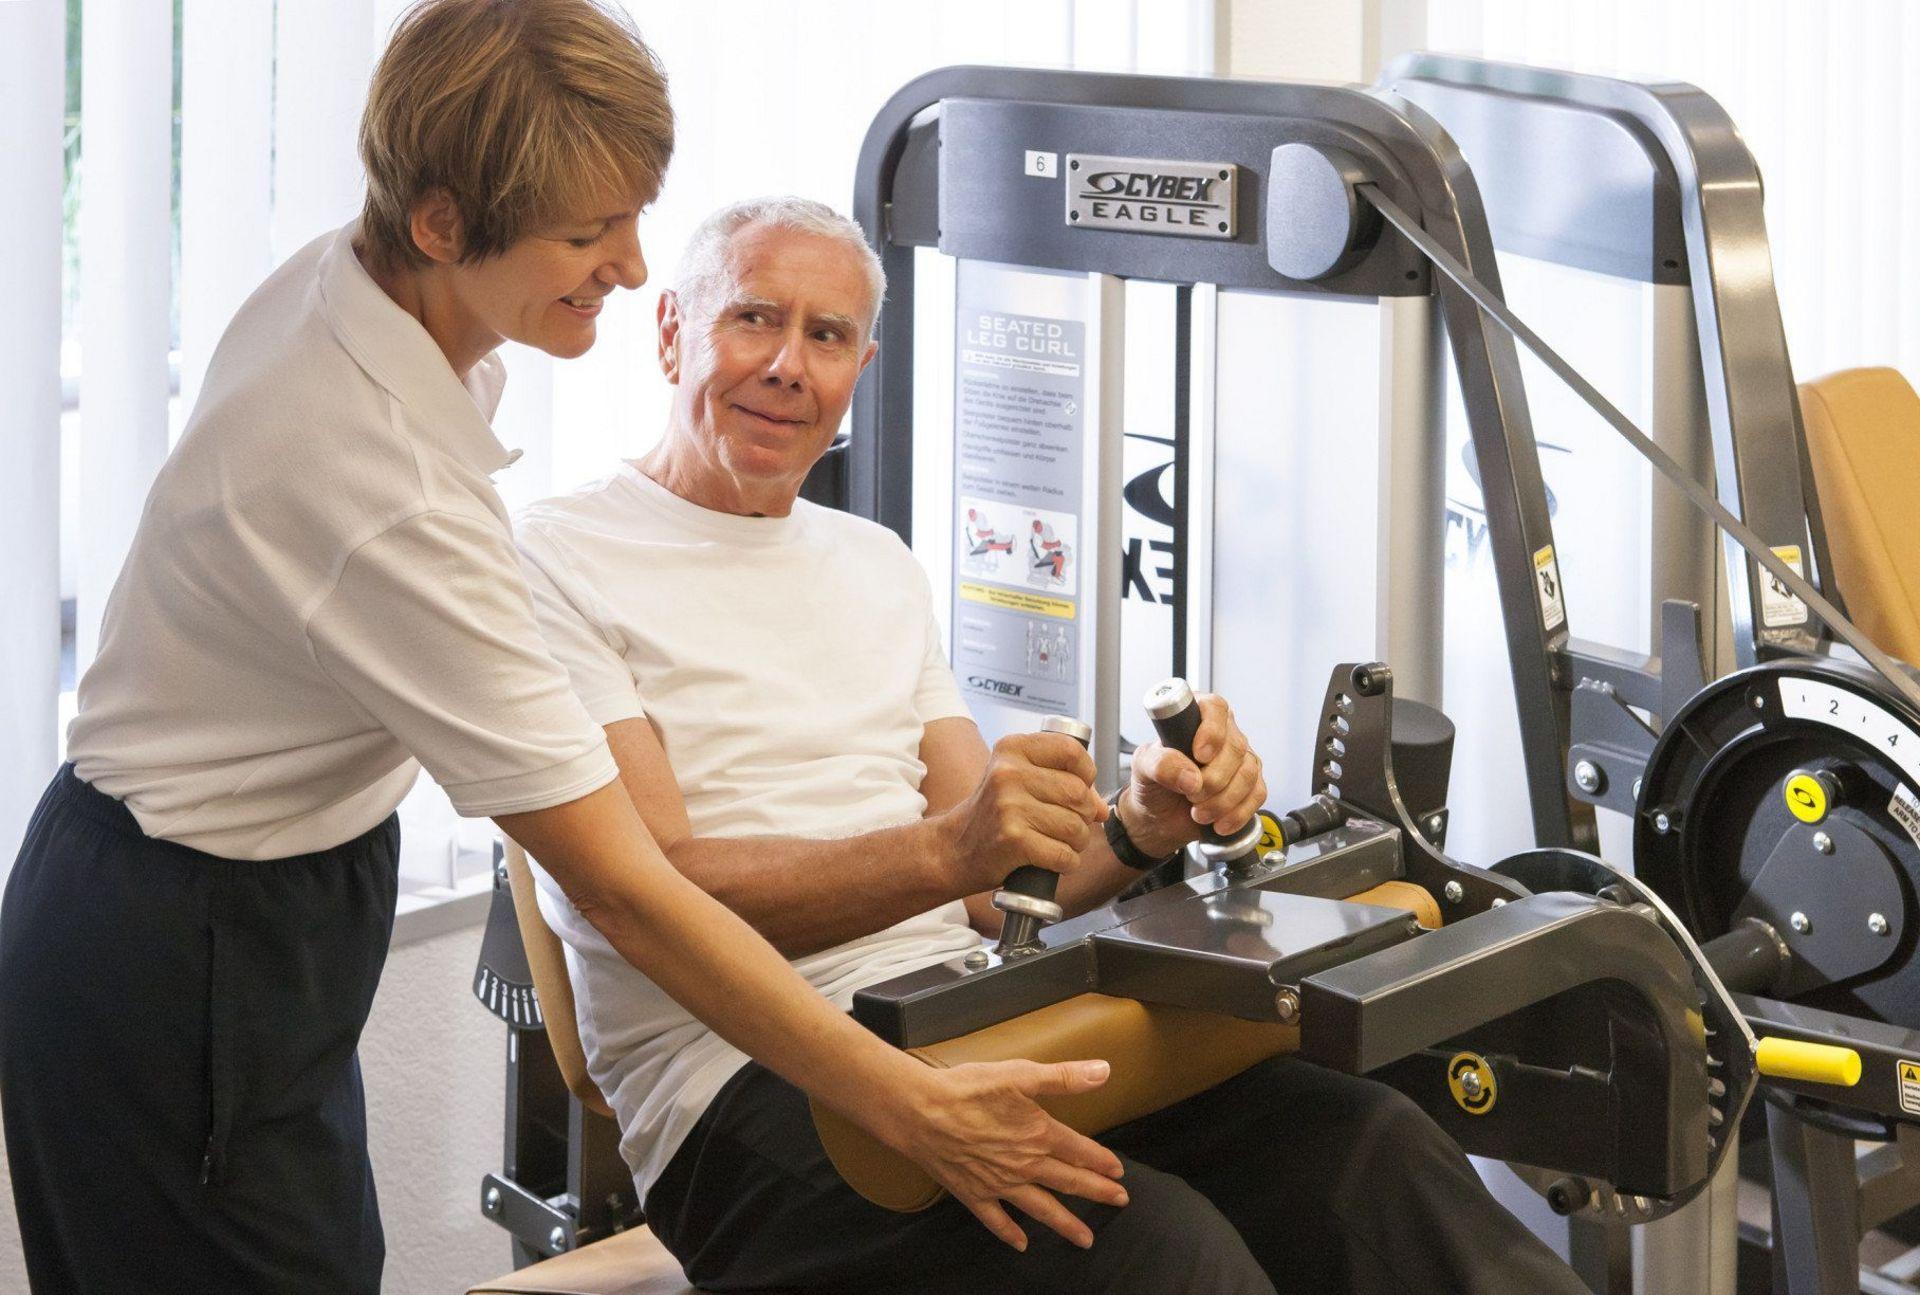 Fitness-Instruktorin unterstützt Senior am Gerät